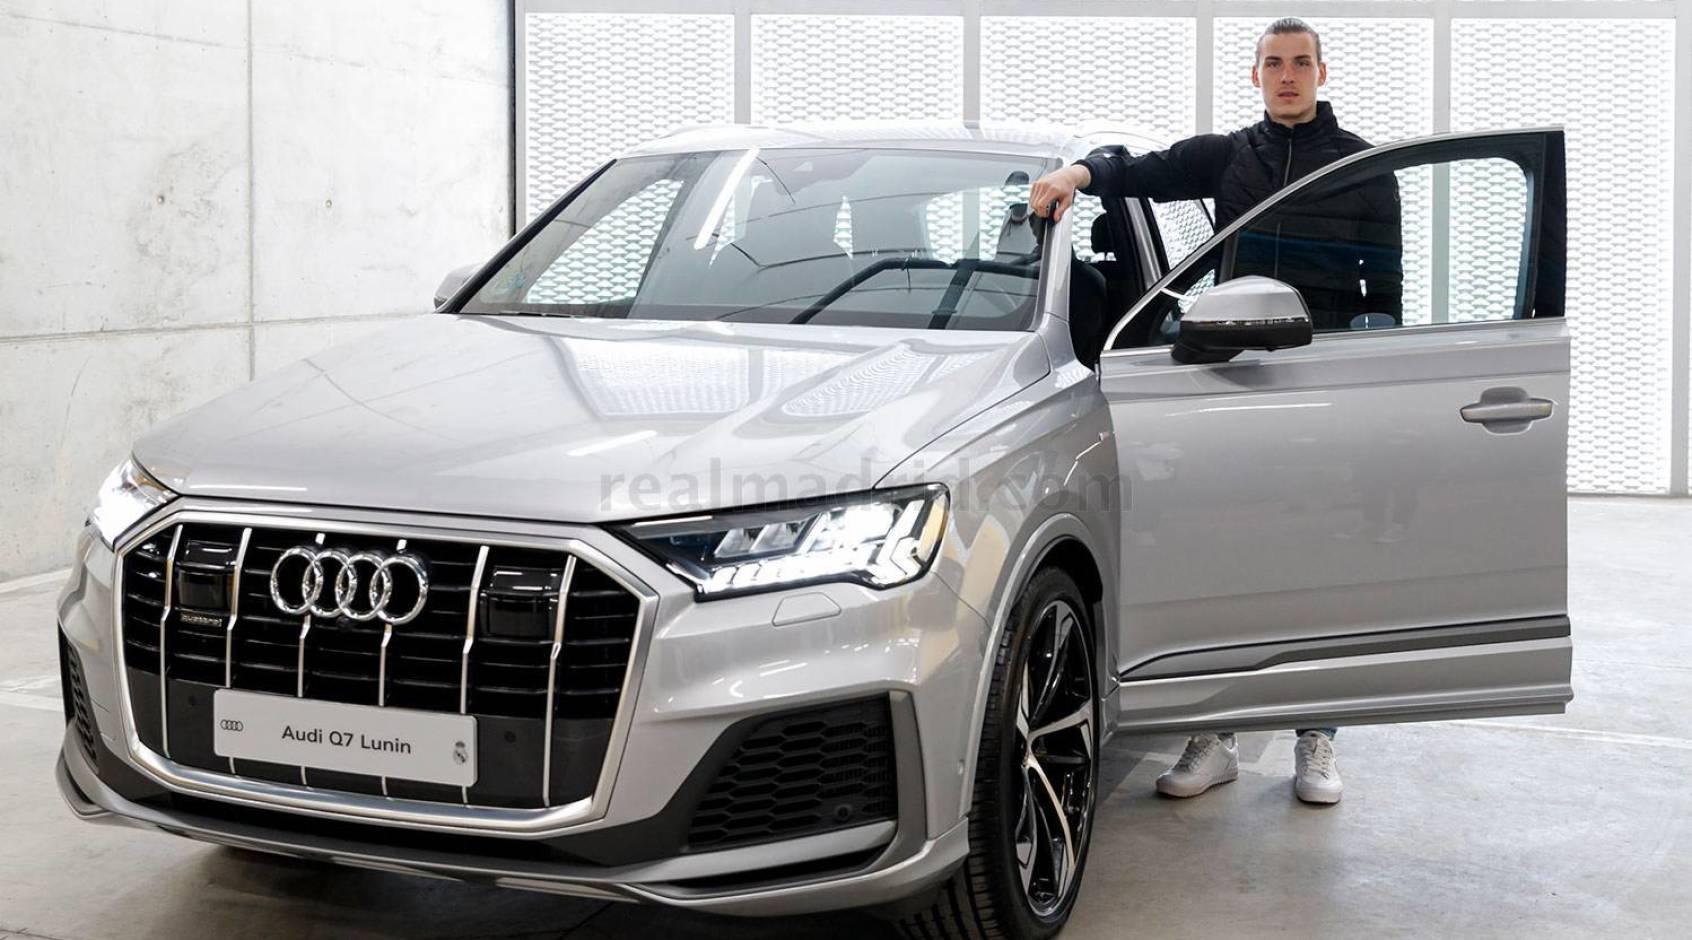 """Игроки мадридского """"Реала"""" получили новые автомобили от Audi: Лунину, как и Куртуа, досталась Audi Q7"""